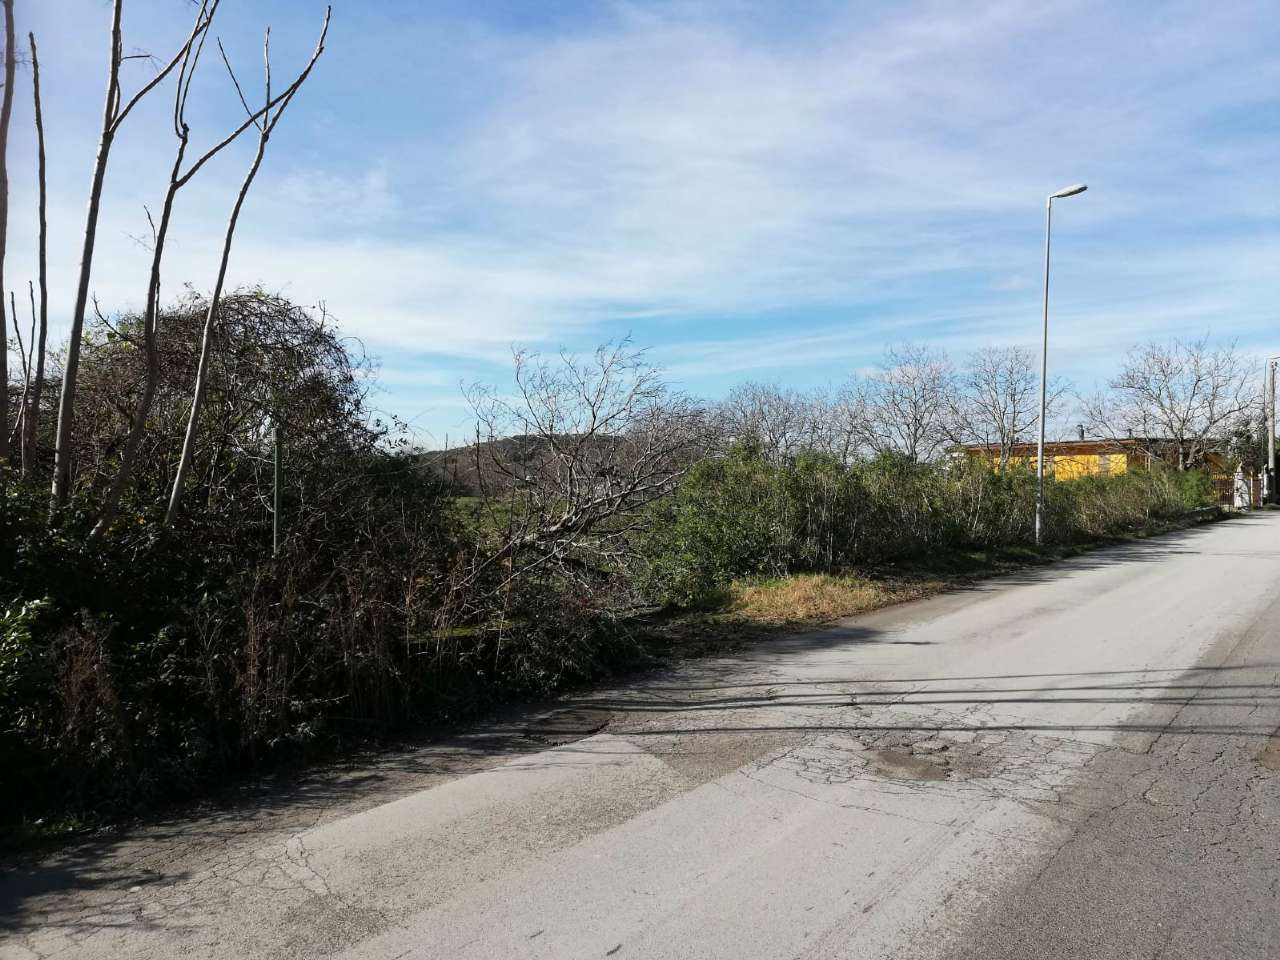 Terreno Edificabile Artigianale in vendita a San Felice a Cancello, 9999 locali, prezzo € 290.000 | CambioCasa.it